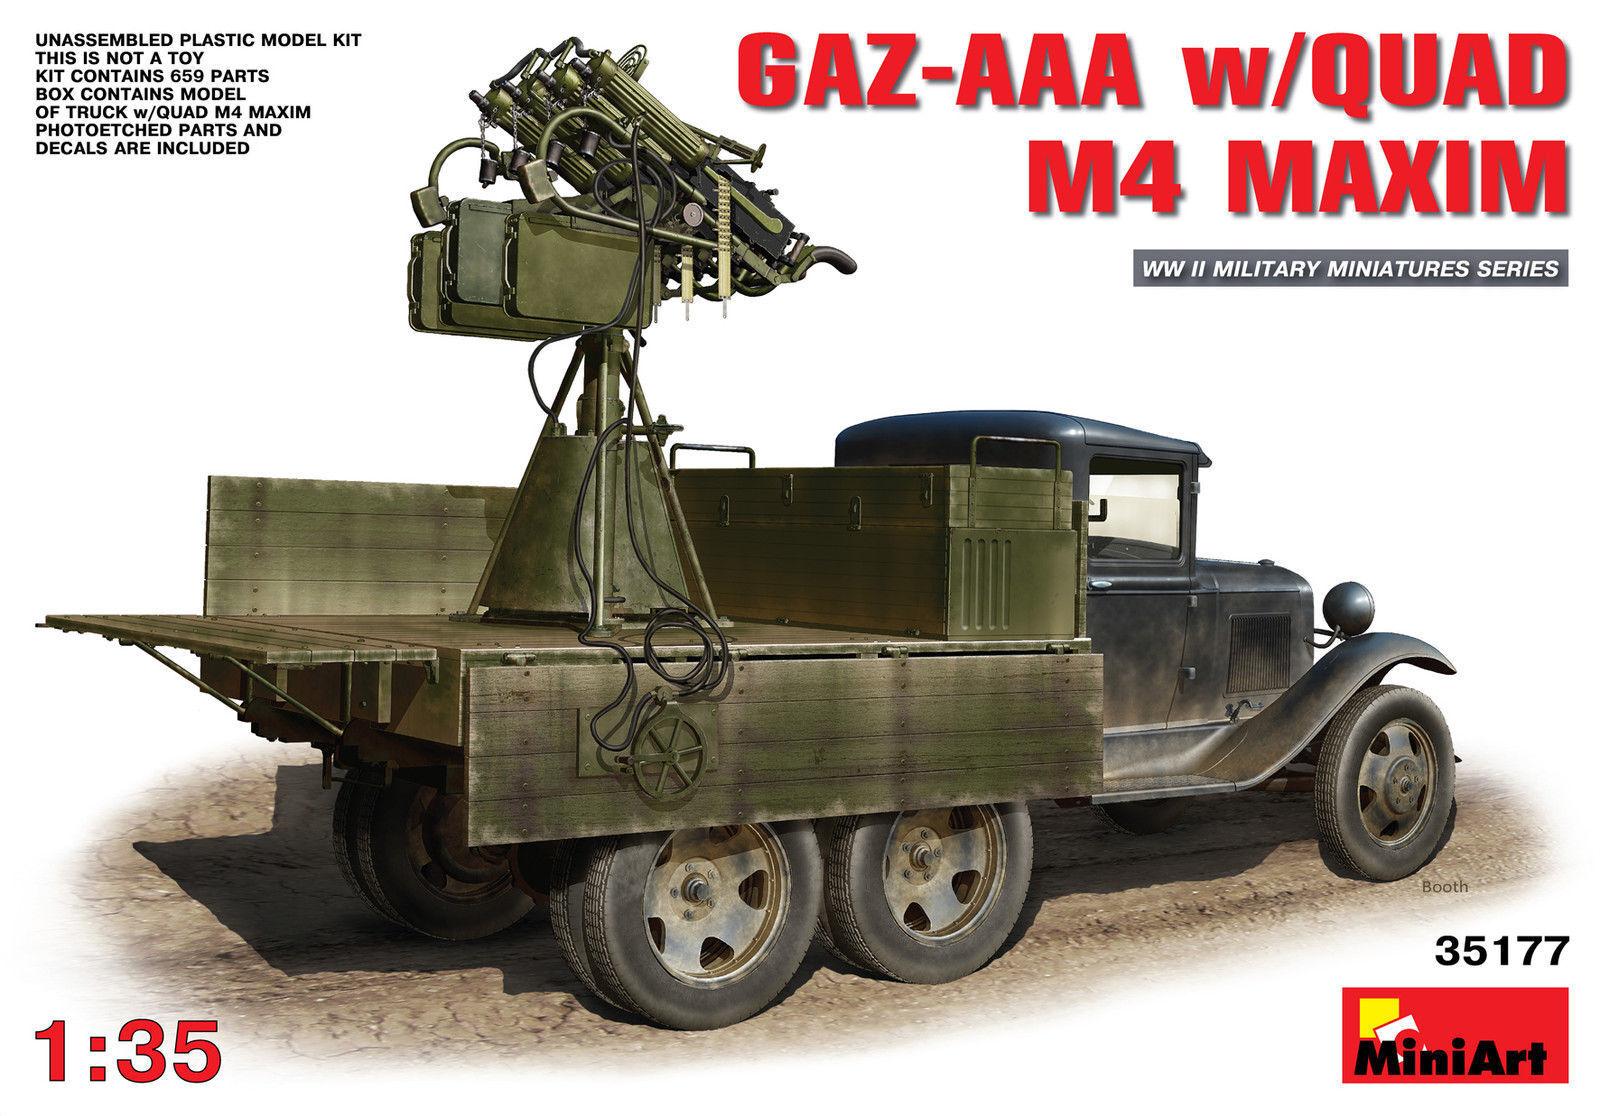 MODEL KIT MIN35177 - Miniart 1 35 - GAZ-AAA w  Quad M-4 Maxim